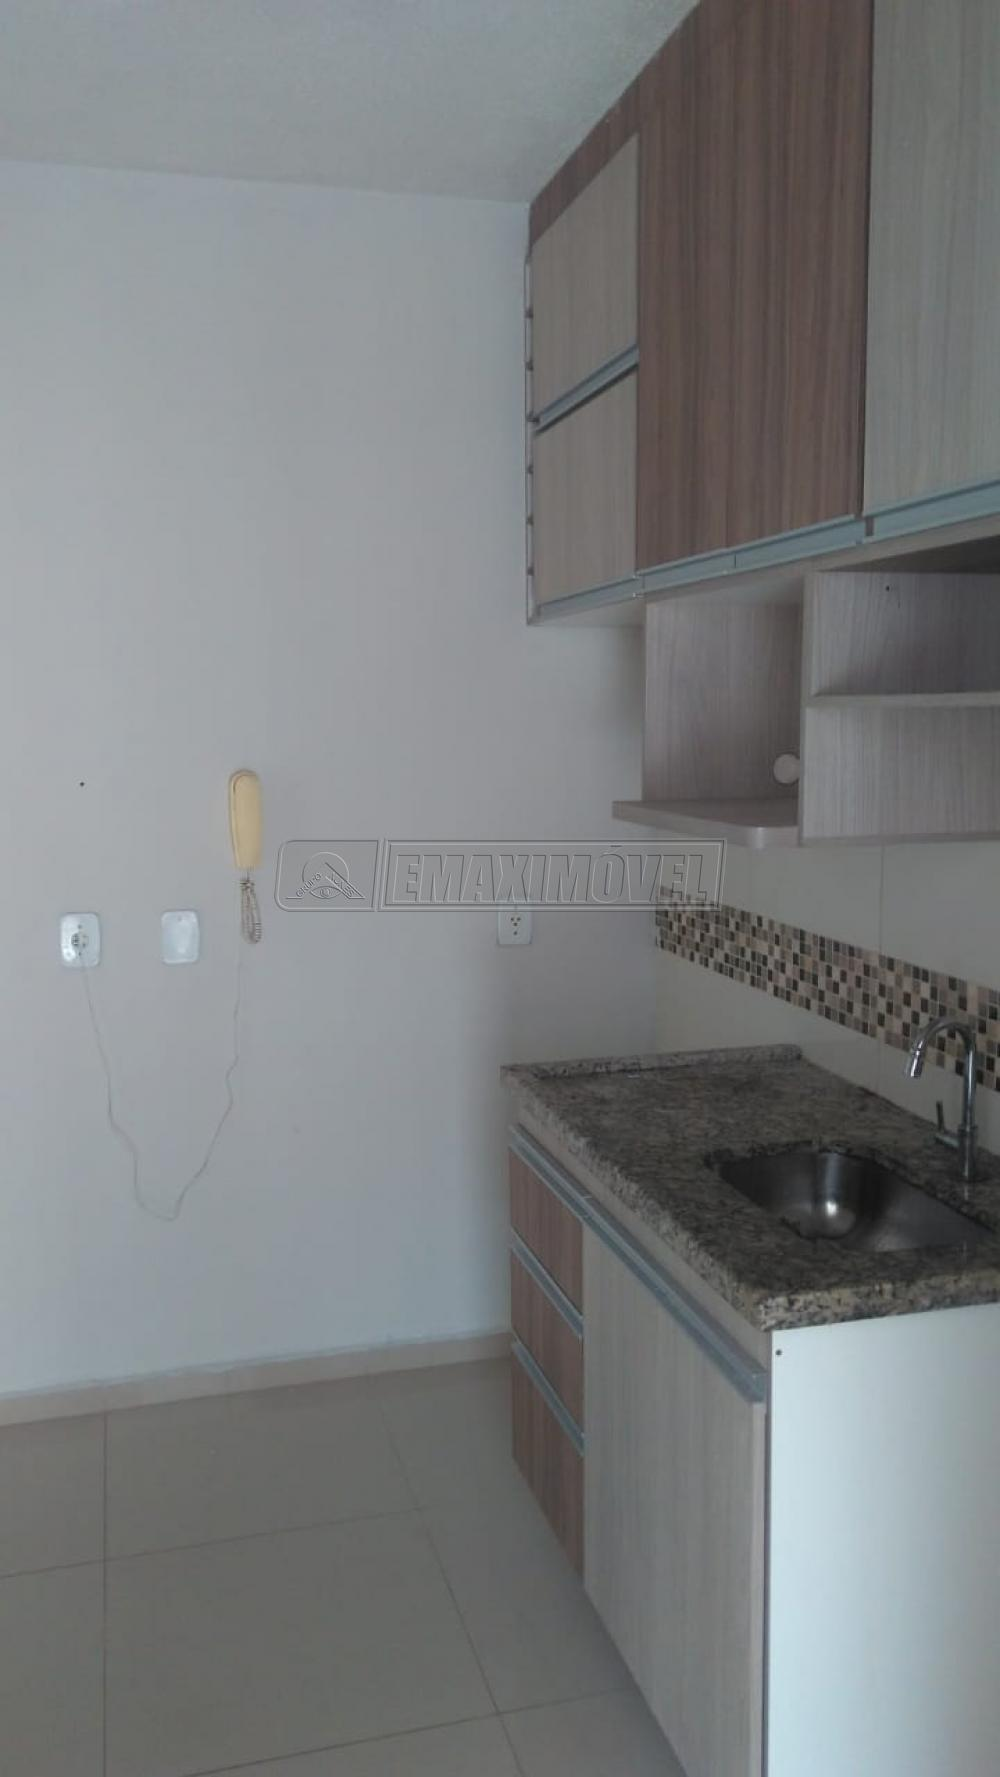 Alugar Casas / em Condomínios em Sorocaba apenas R$ 1.100,00 - Foto 5